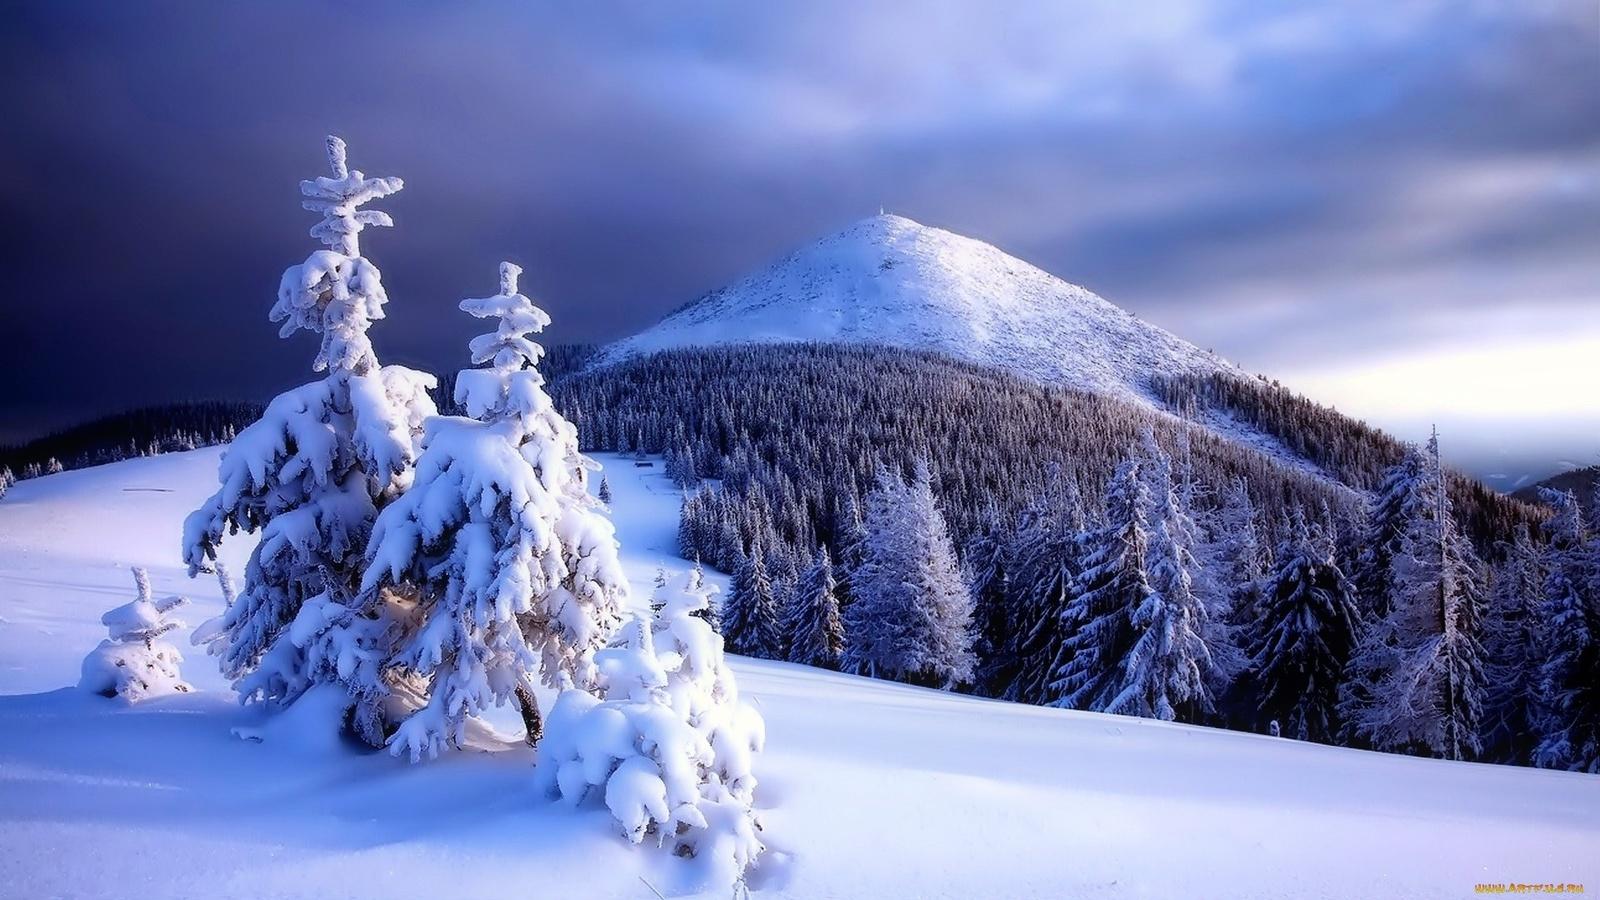 снег, деревья, небо, гора